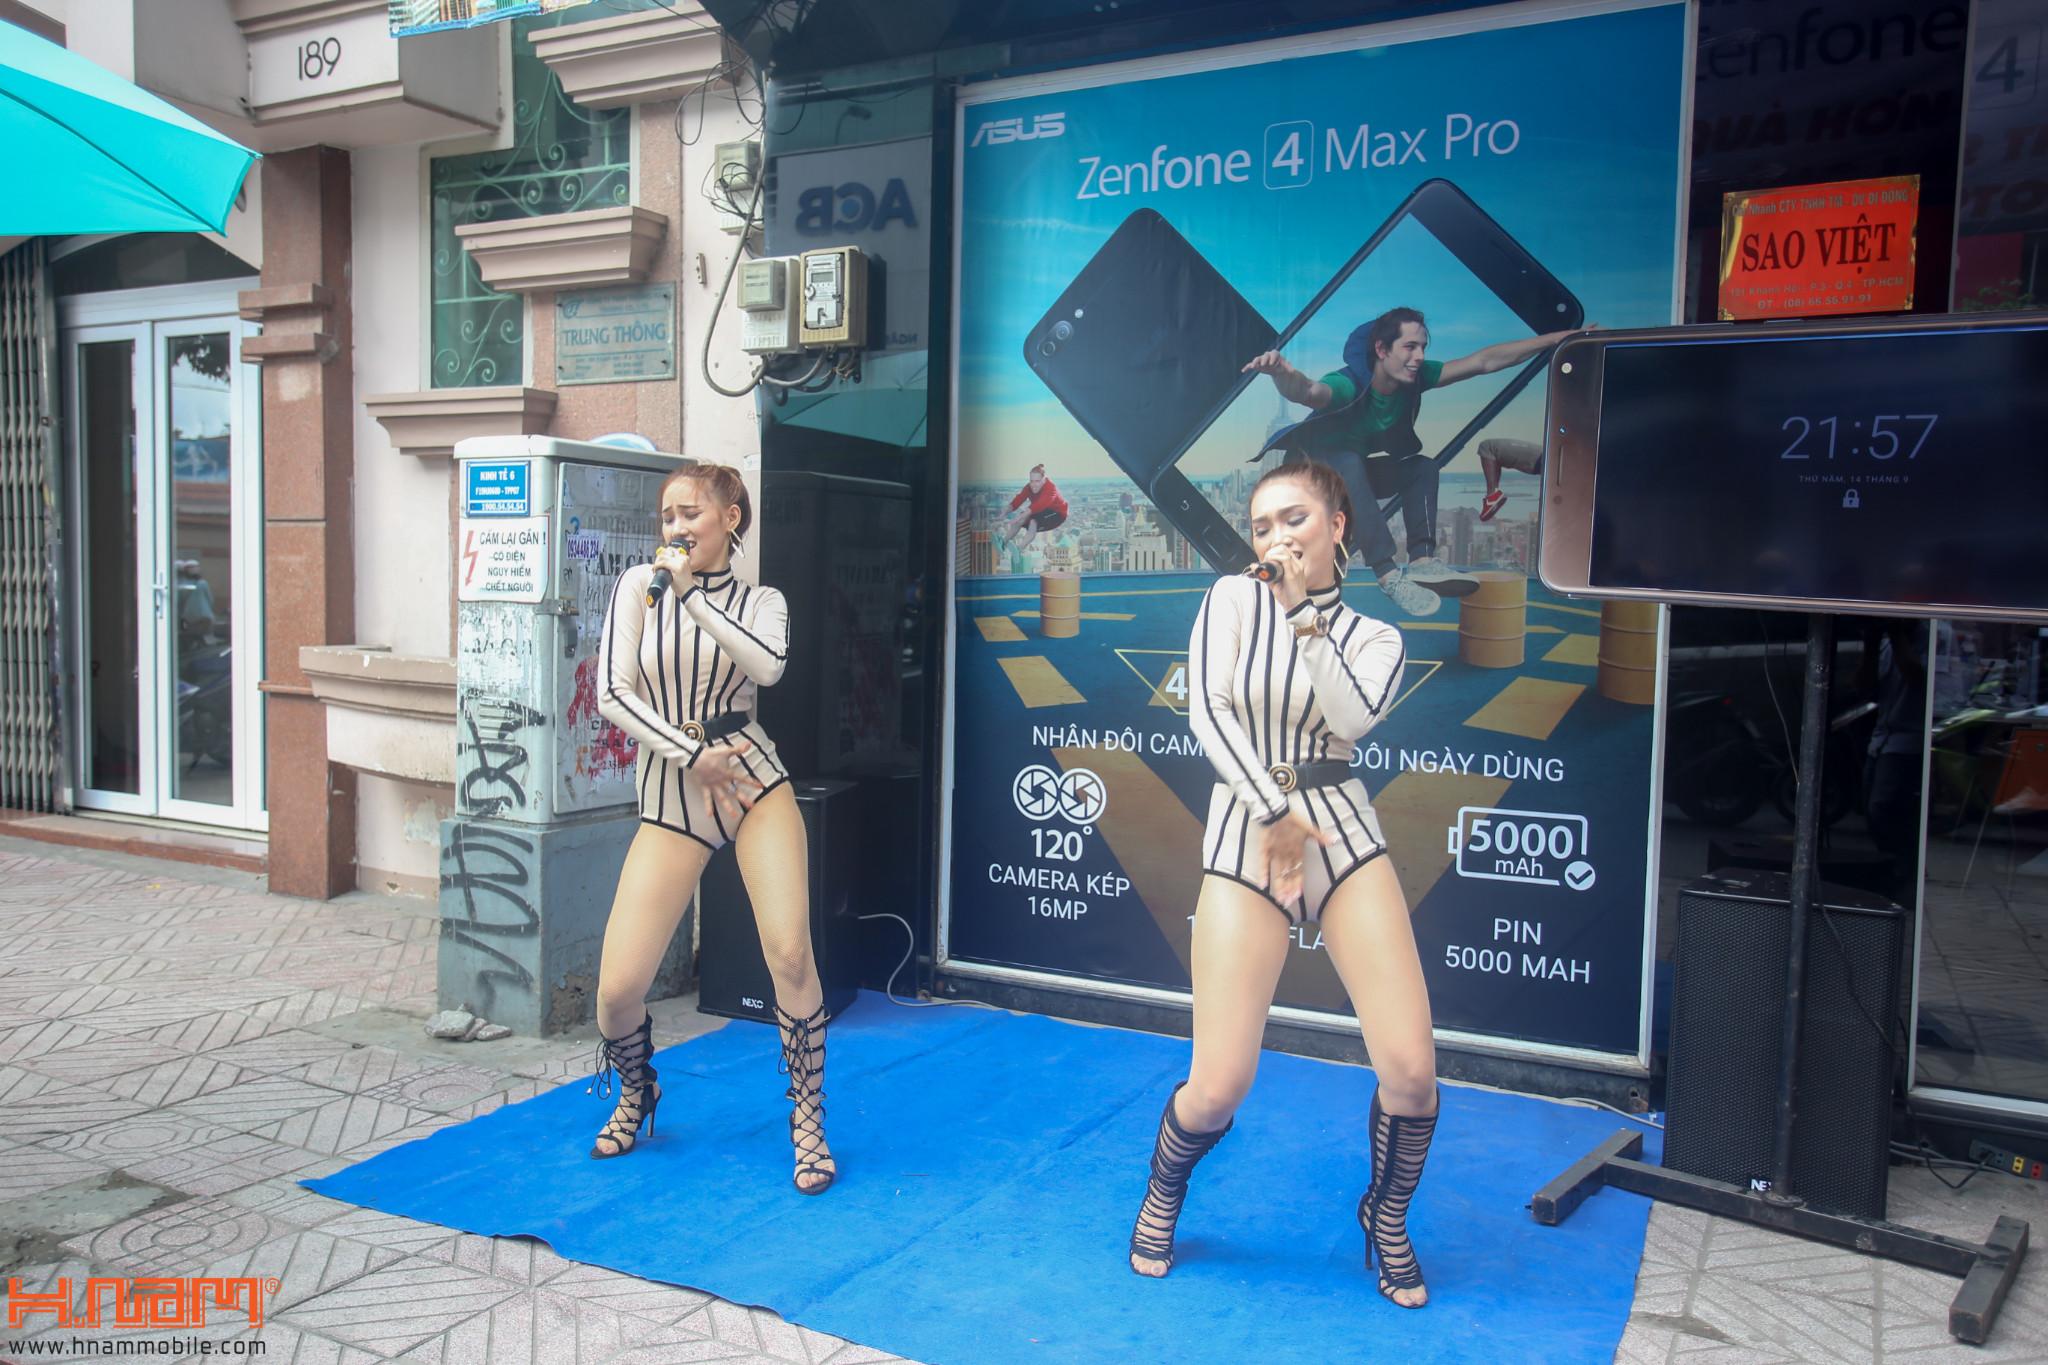 Mở bán ZenFone 4 Max Pro: Quà hơn 2 triệu, cơ hội trúng laptop hình 13